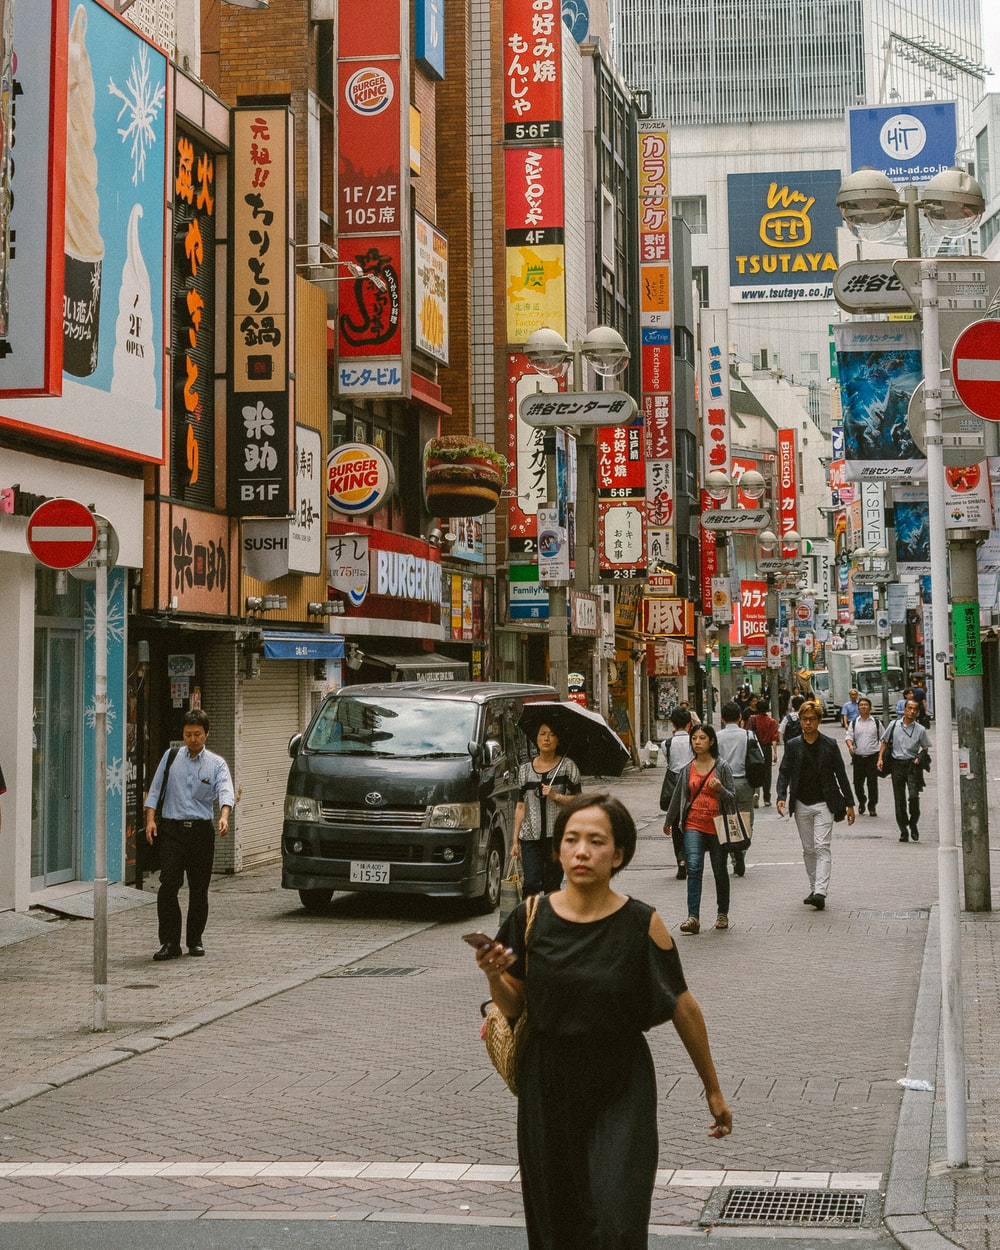 man in black crew neck t-shirt walking on sidewalk during daytime